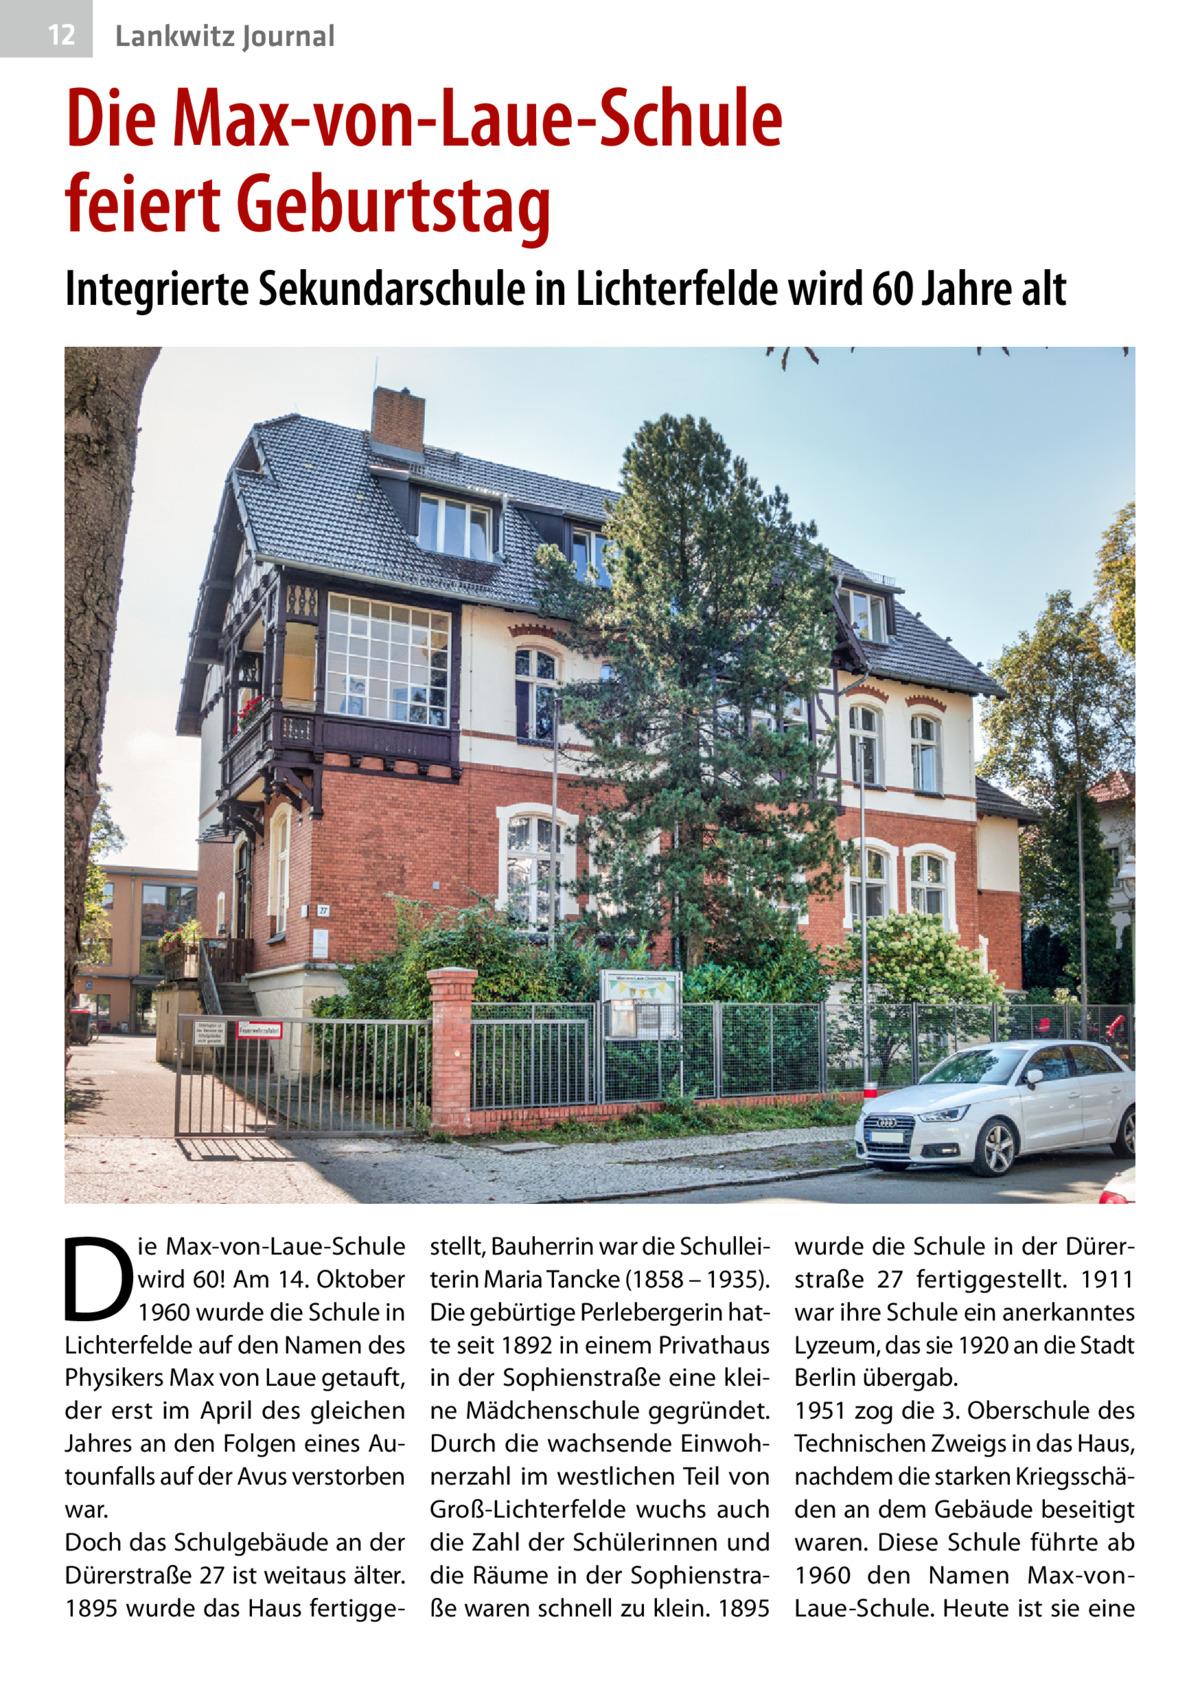 12  Lankwitz Journal  Die Max-von-Laue-Schule feiertGeburtstag Integrierte Sekundarschule in Lichterfelde wird 60Jahre alt  D  ie Max-von-Laue-Schule wird 60! Am 14.Oktober 1960 wurde die Schule in Lichterfelde auf den Namen des Physikers Max von Laue getauft, der erst im April des gleichen Jahres an den Folgen eines Autounfalls auf der Avus verstorben war. Doch das Schulgebäude an der Dürerstraße27 ist weitaus älter. 1895 wurde das Haus fertigge stellt, Bauherrin war die Schulleiterin Maria Tancke (1858 – 1935). Die gebürtige Perlebergerin hatte seit 1892 in einem Privathaus in der Sophienstraße eine kleine Mädchenschule gegründet. Durch die wachsende Einwohnerzahl im westlichen Teil von Groß-Lichterfelde wuchs auch die Zahl der Schülerinnen und die Räume in der Sophienstraße waren schnell zu klein. 1895  wurde die Schule in der Dürerstraße 27 fertiggestellt. 1911 war ihre Schule ein anerkanntes Lyzeum, das sie 1920 an die Stadt Berlin übergab. 1951 zog die 3.Oberschule des Technischen Zweigs in das Haus, nachdem die starken Kriegsschäden an dem Gebäude beseitigt waren. Diese Schule führte ab 1960 den Namen Max-vonLaue-Schule. Heute ist sie eine